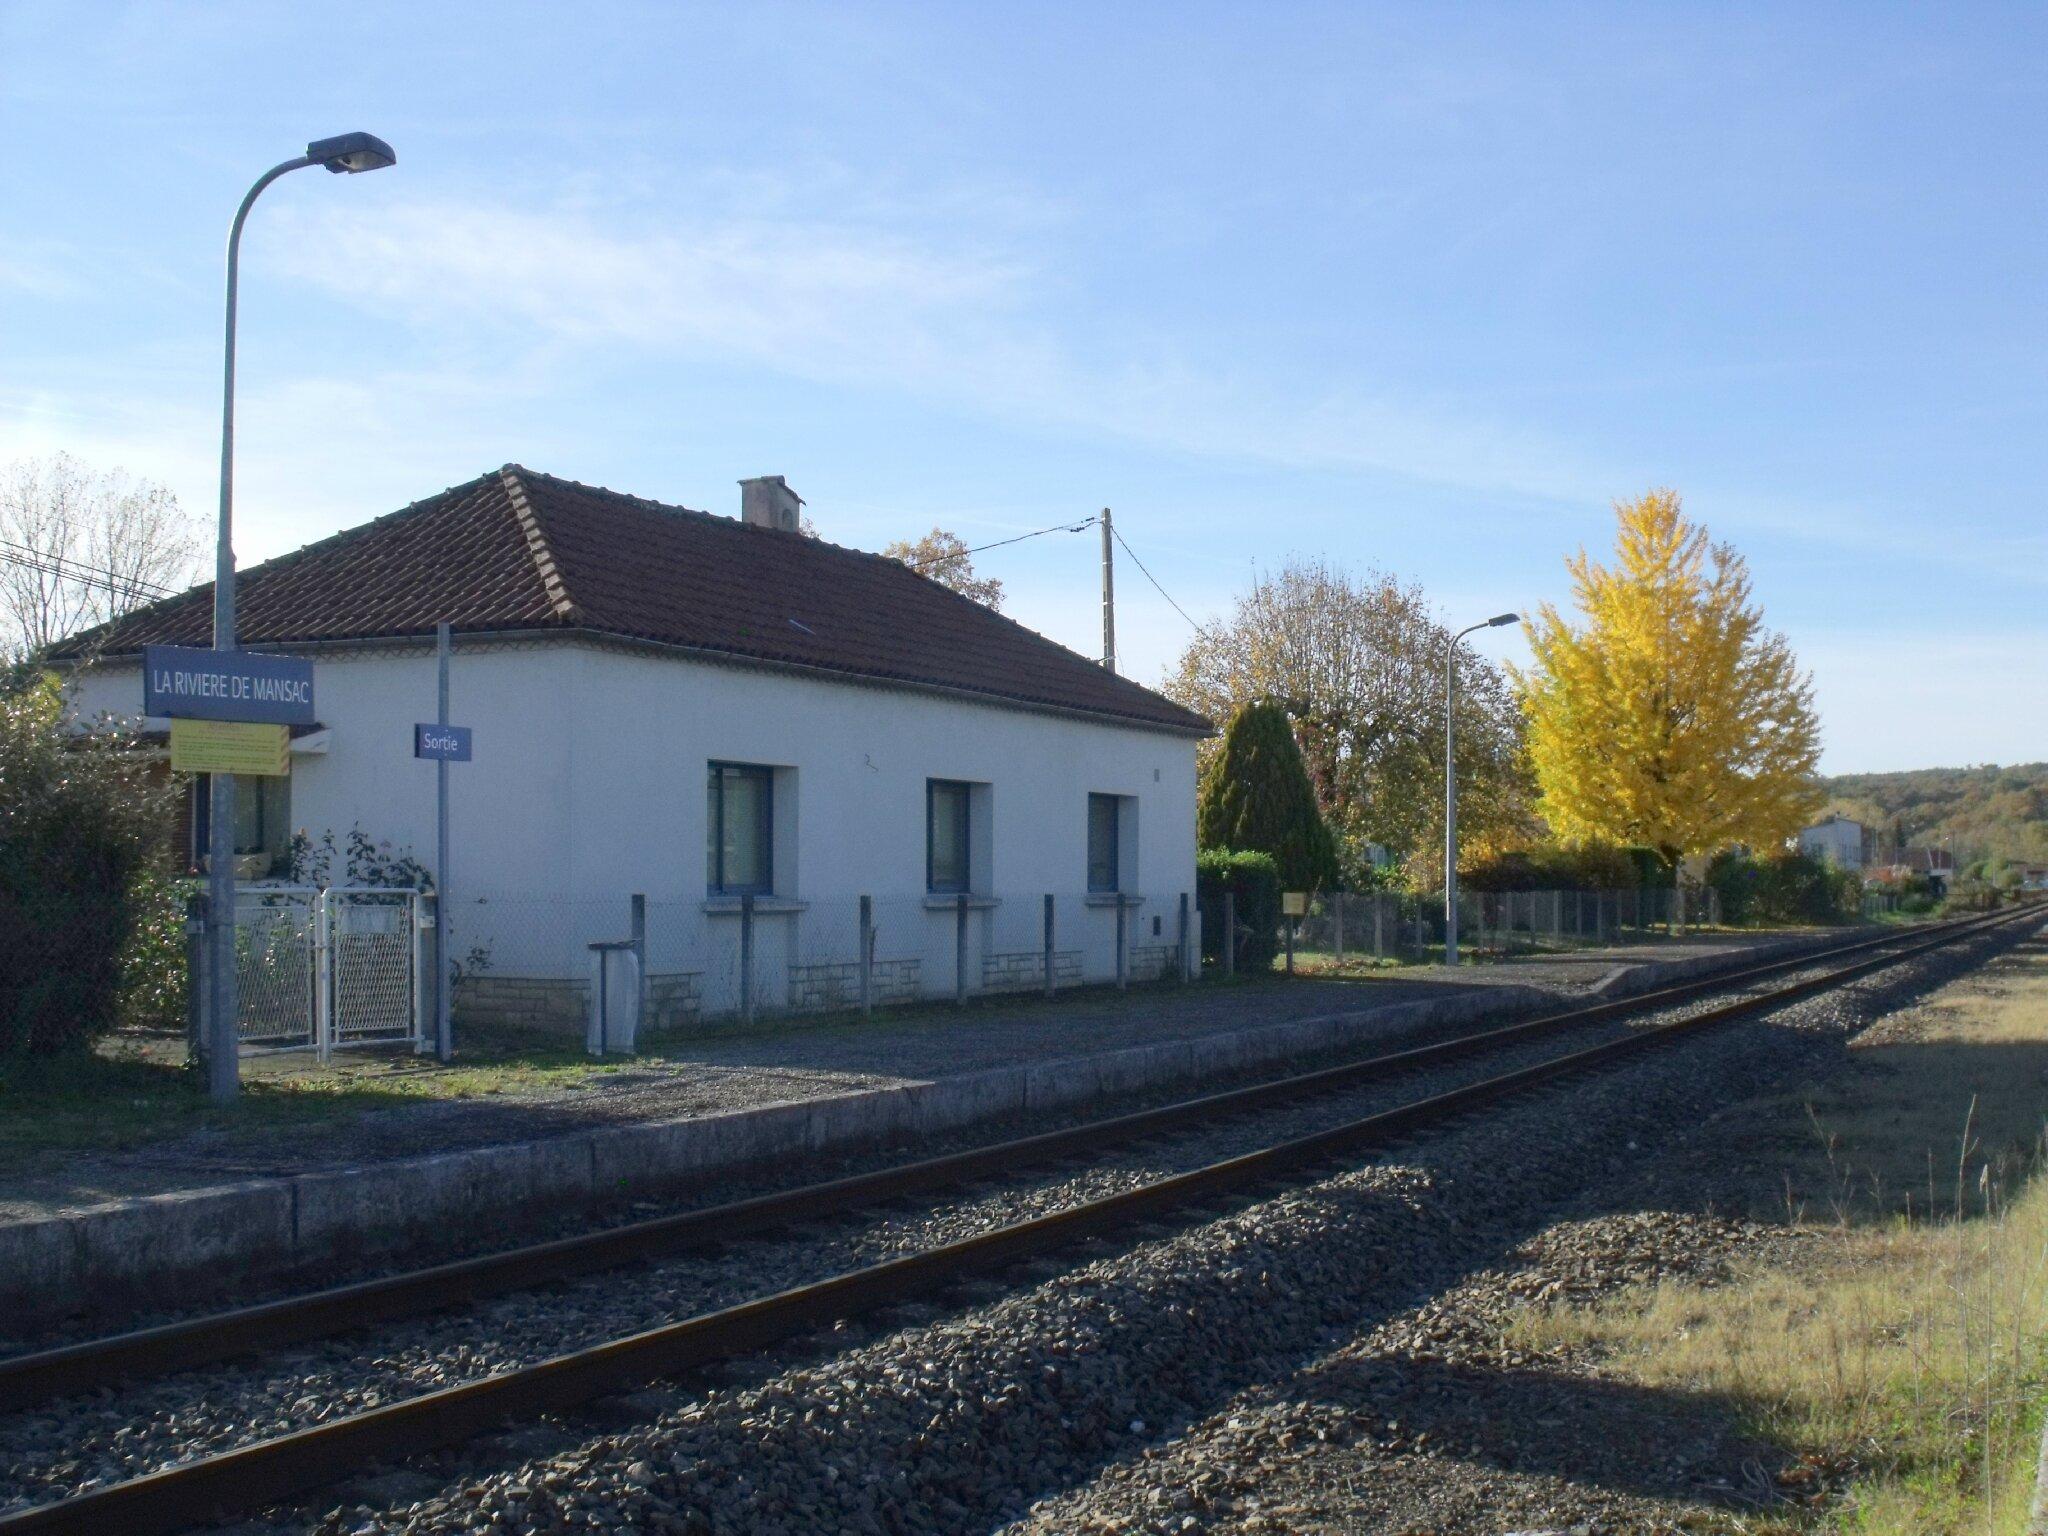 La Rivière-de-Mansac (Corrèze - 19)